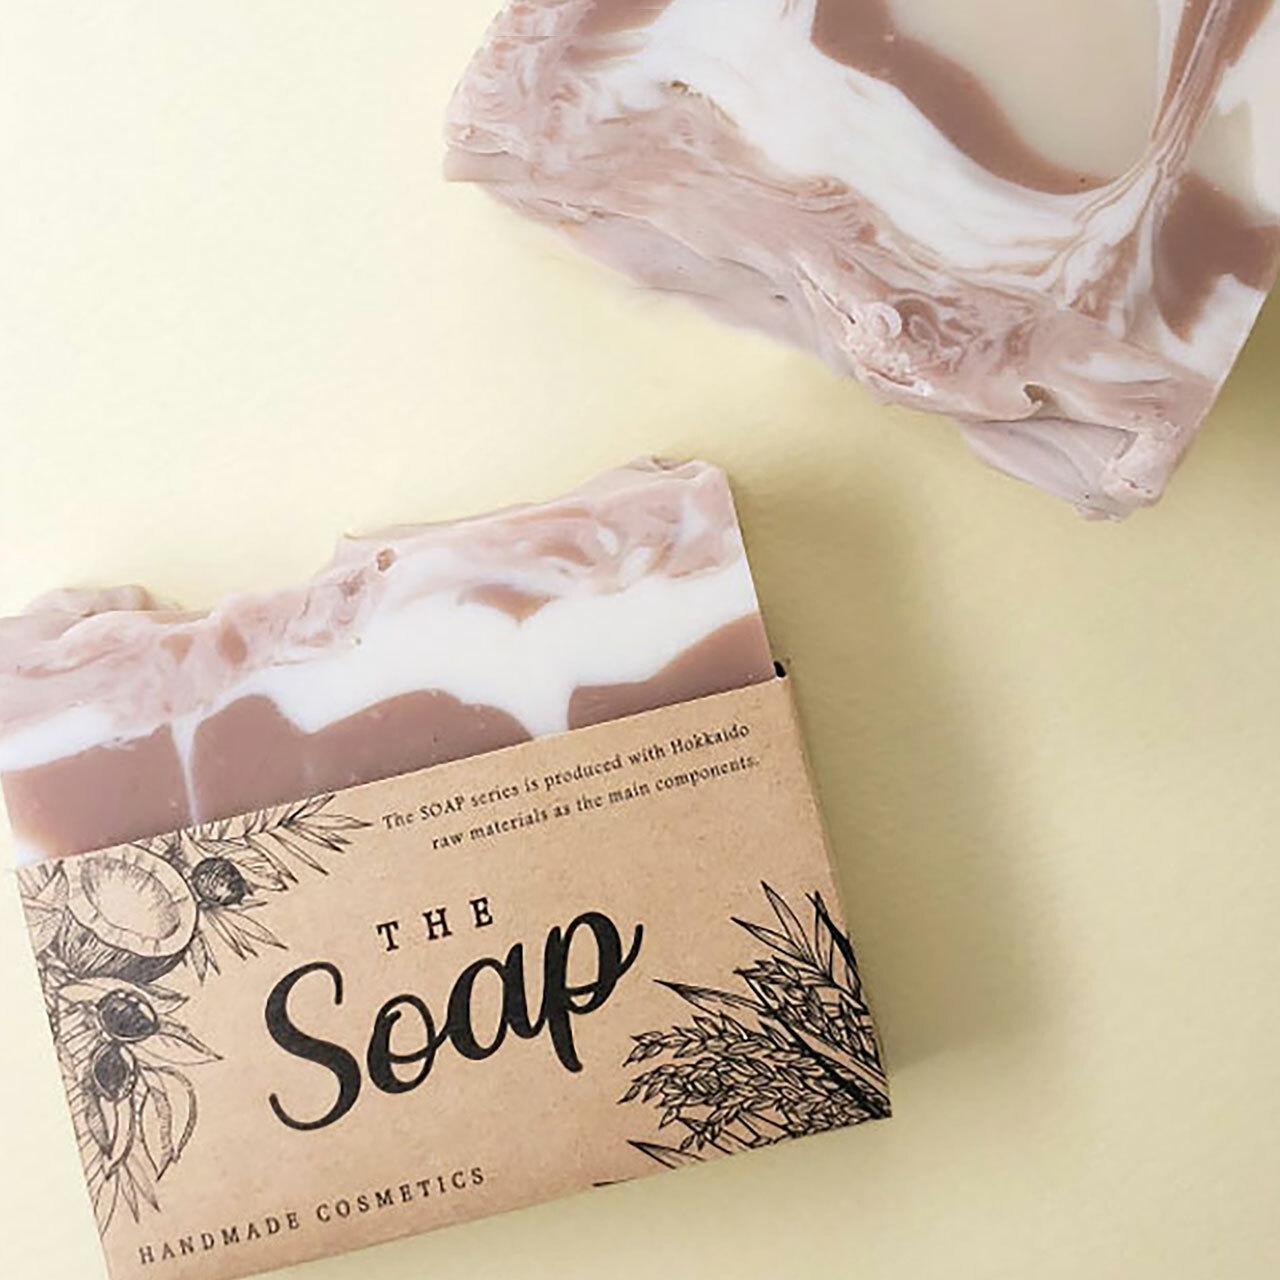 THE Soap(ココナッツ)